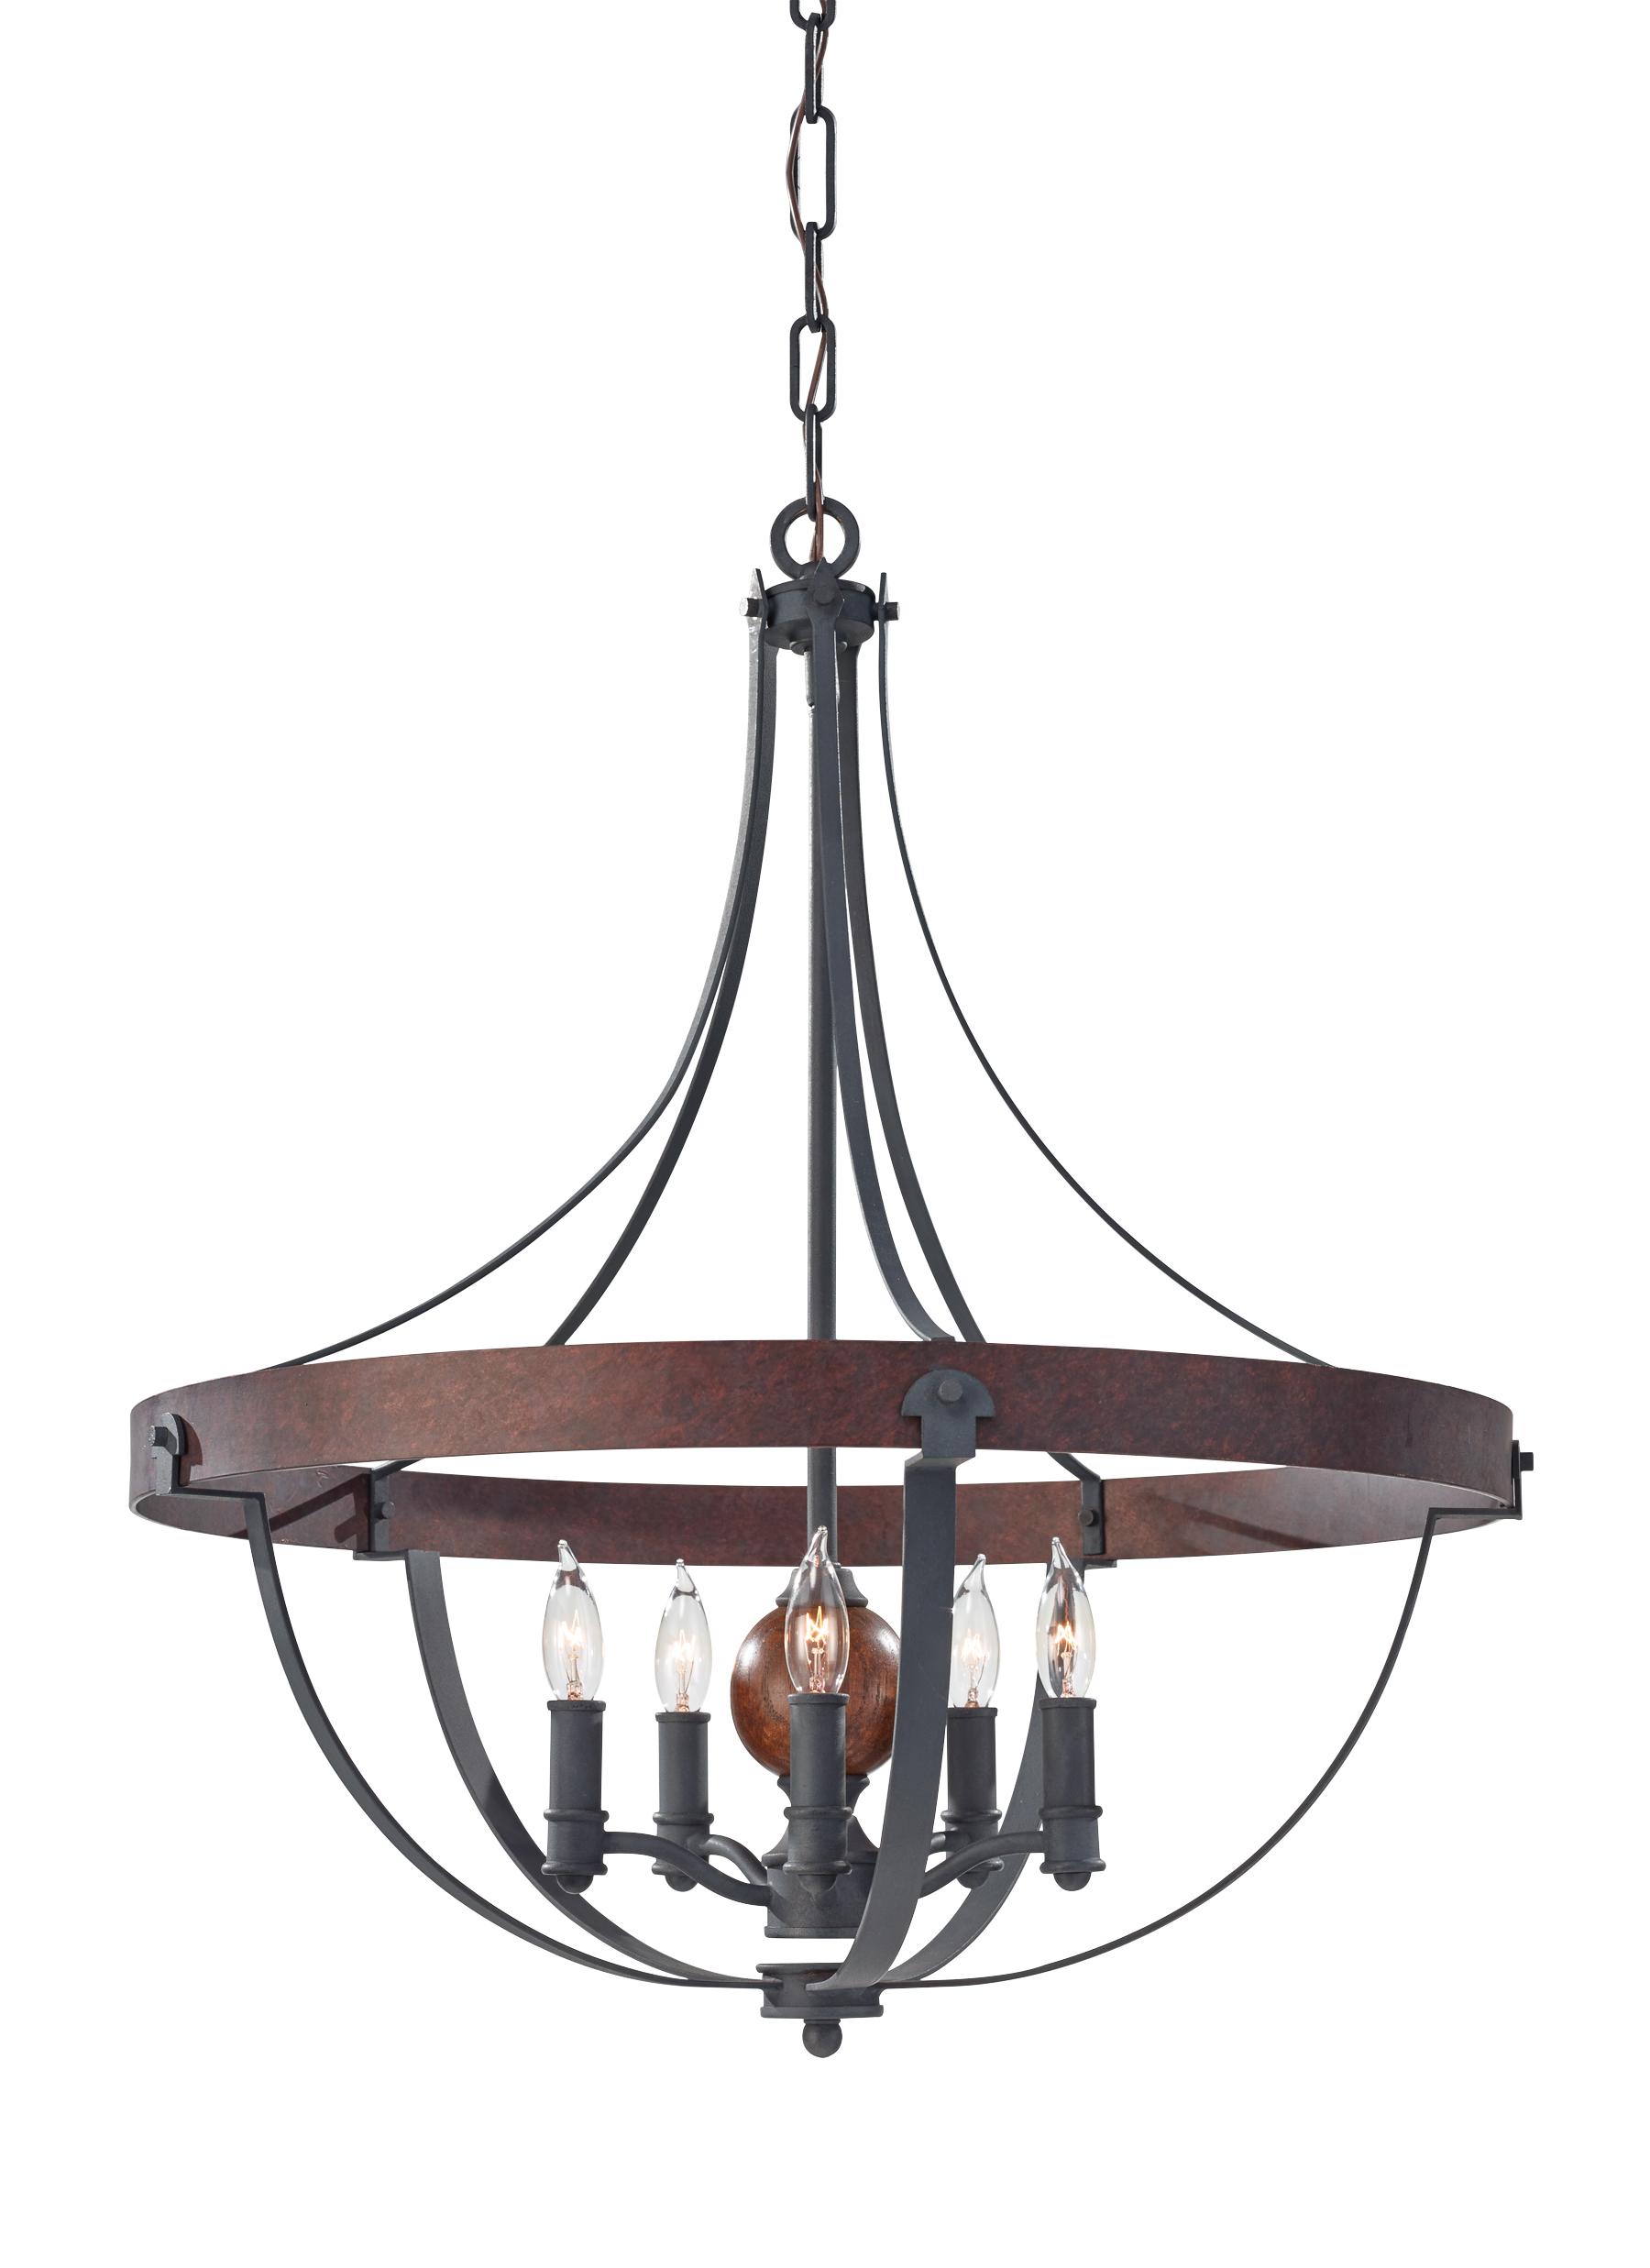 f2794 5af cba 5 light single tier chandelier af charcoal brick acorn